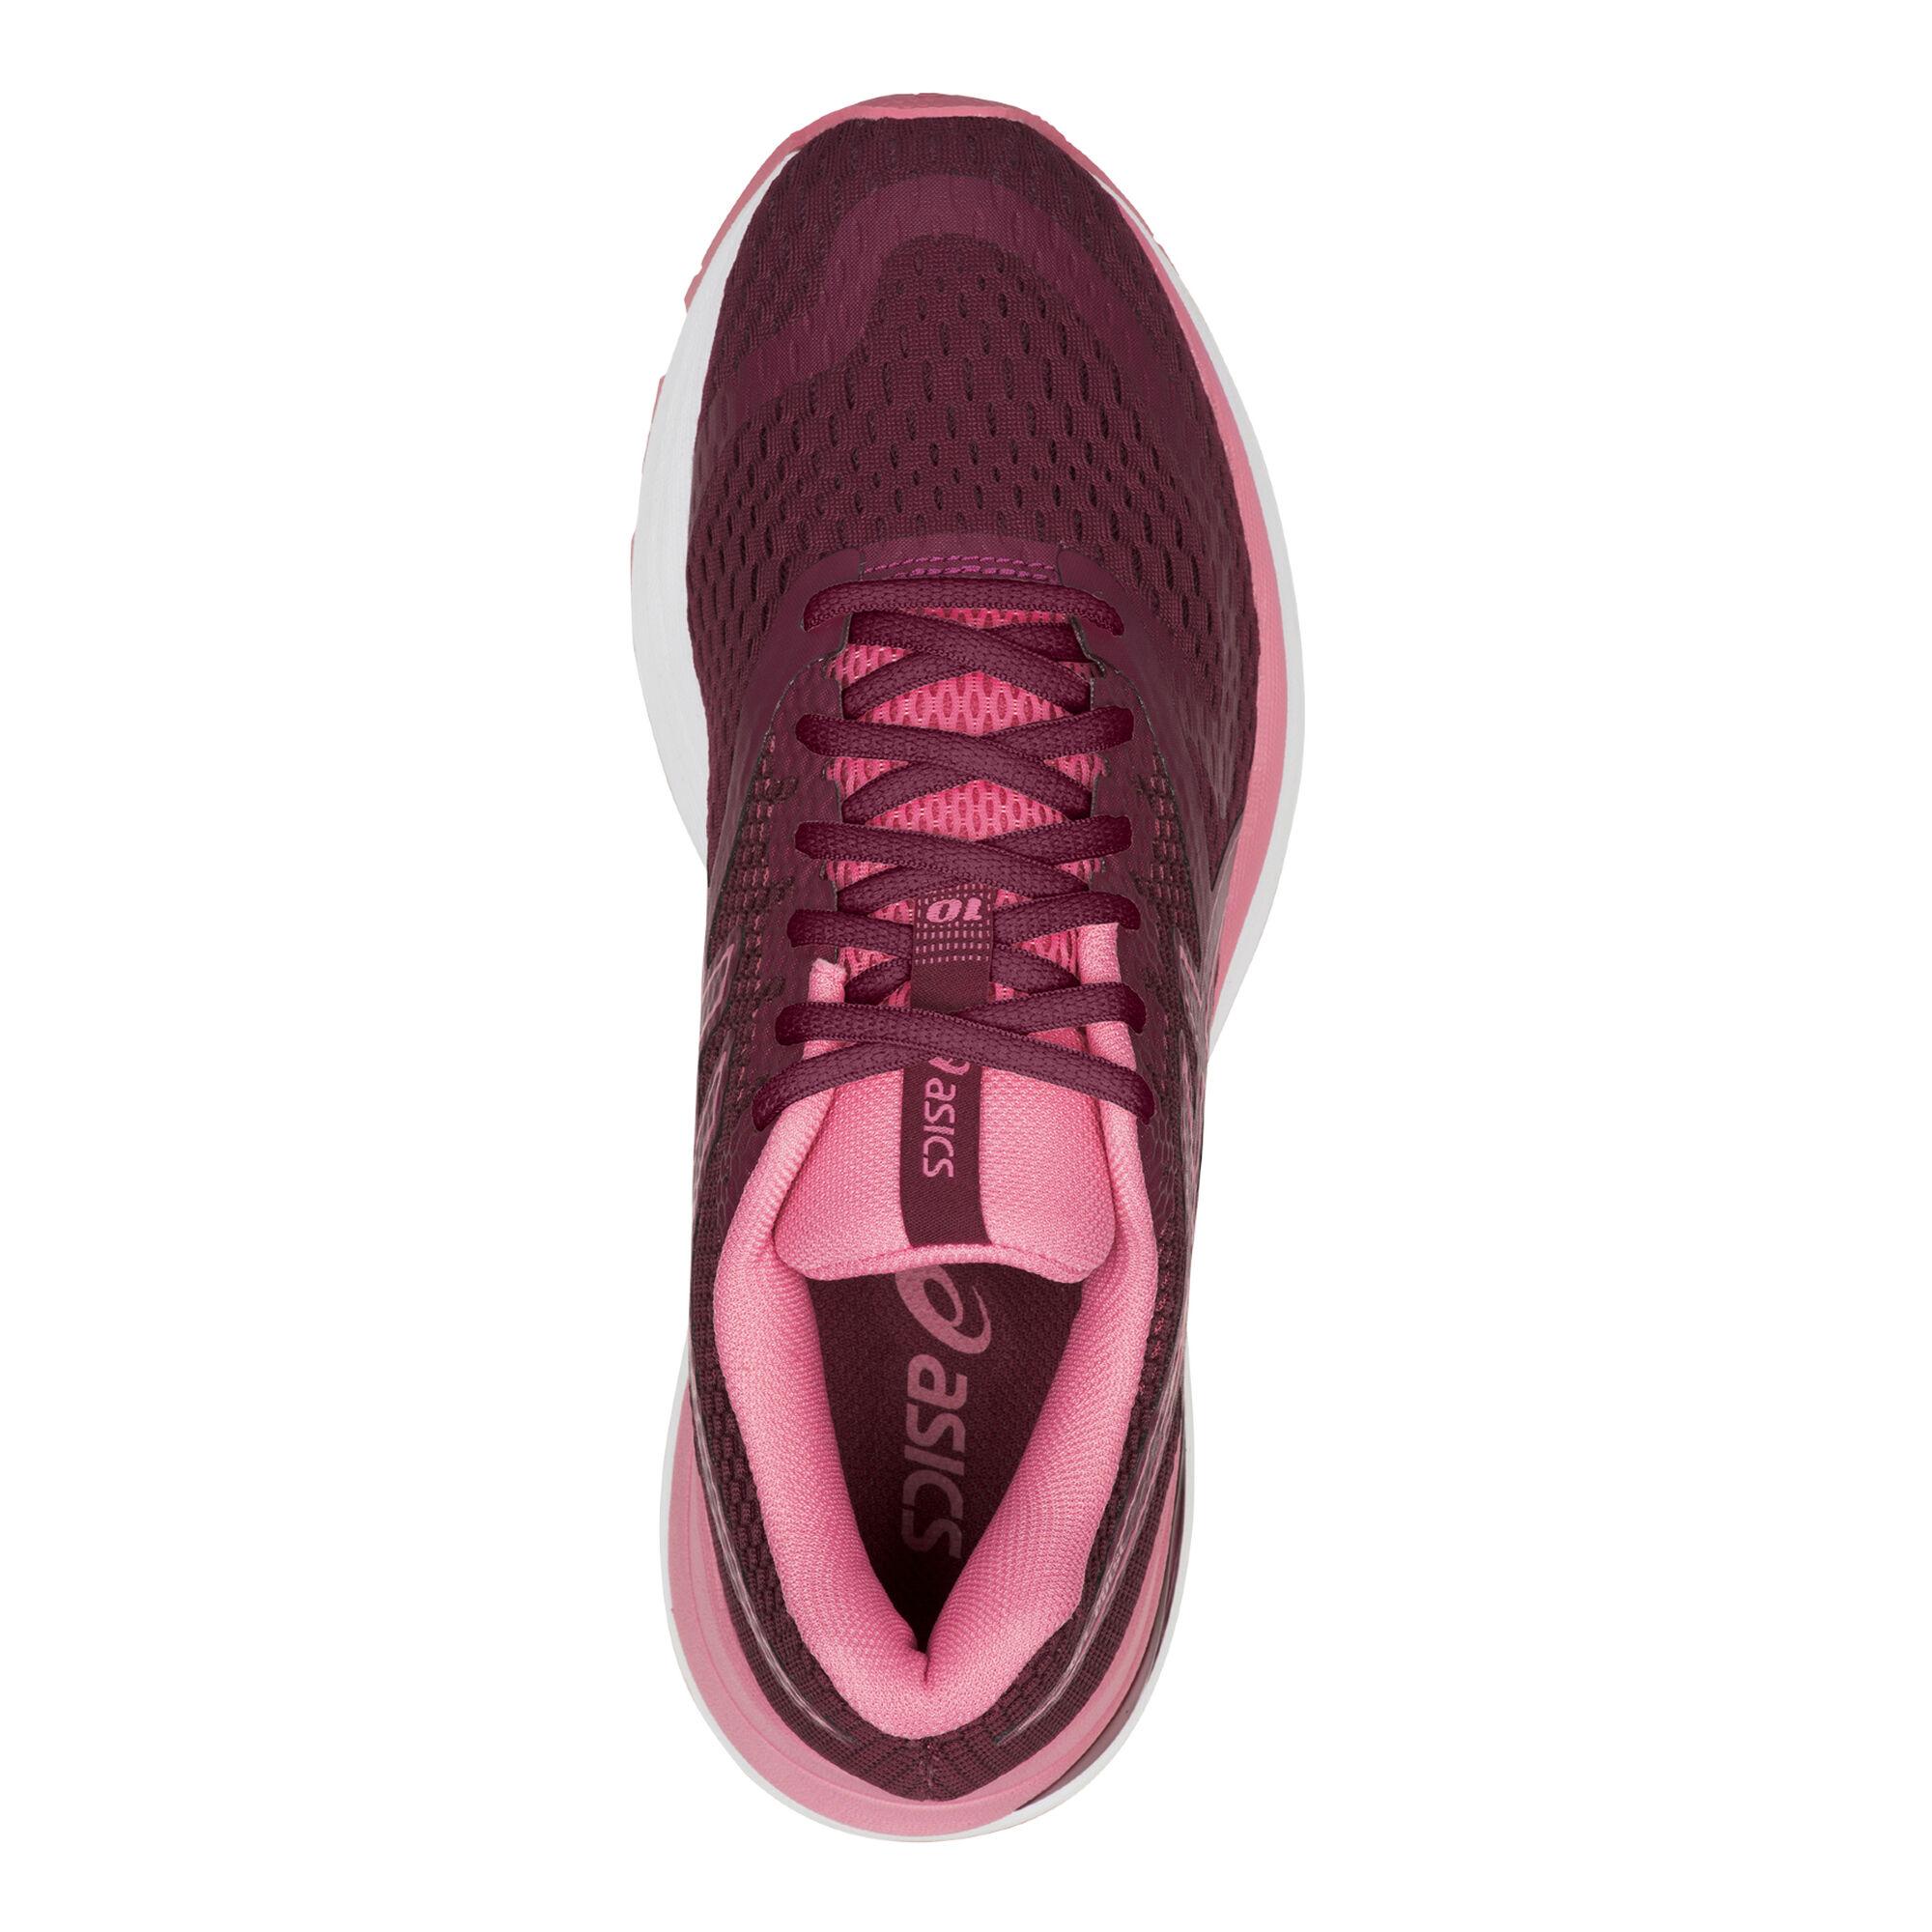 c34d5a357bec6 buy Asics Gel-Pulse 10 Neutral Running Shoe Women - Dark Red, Pink ...